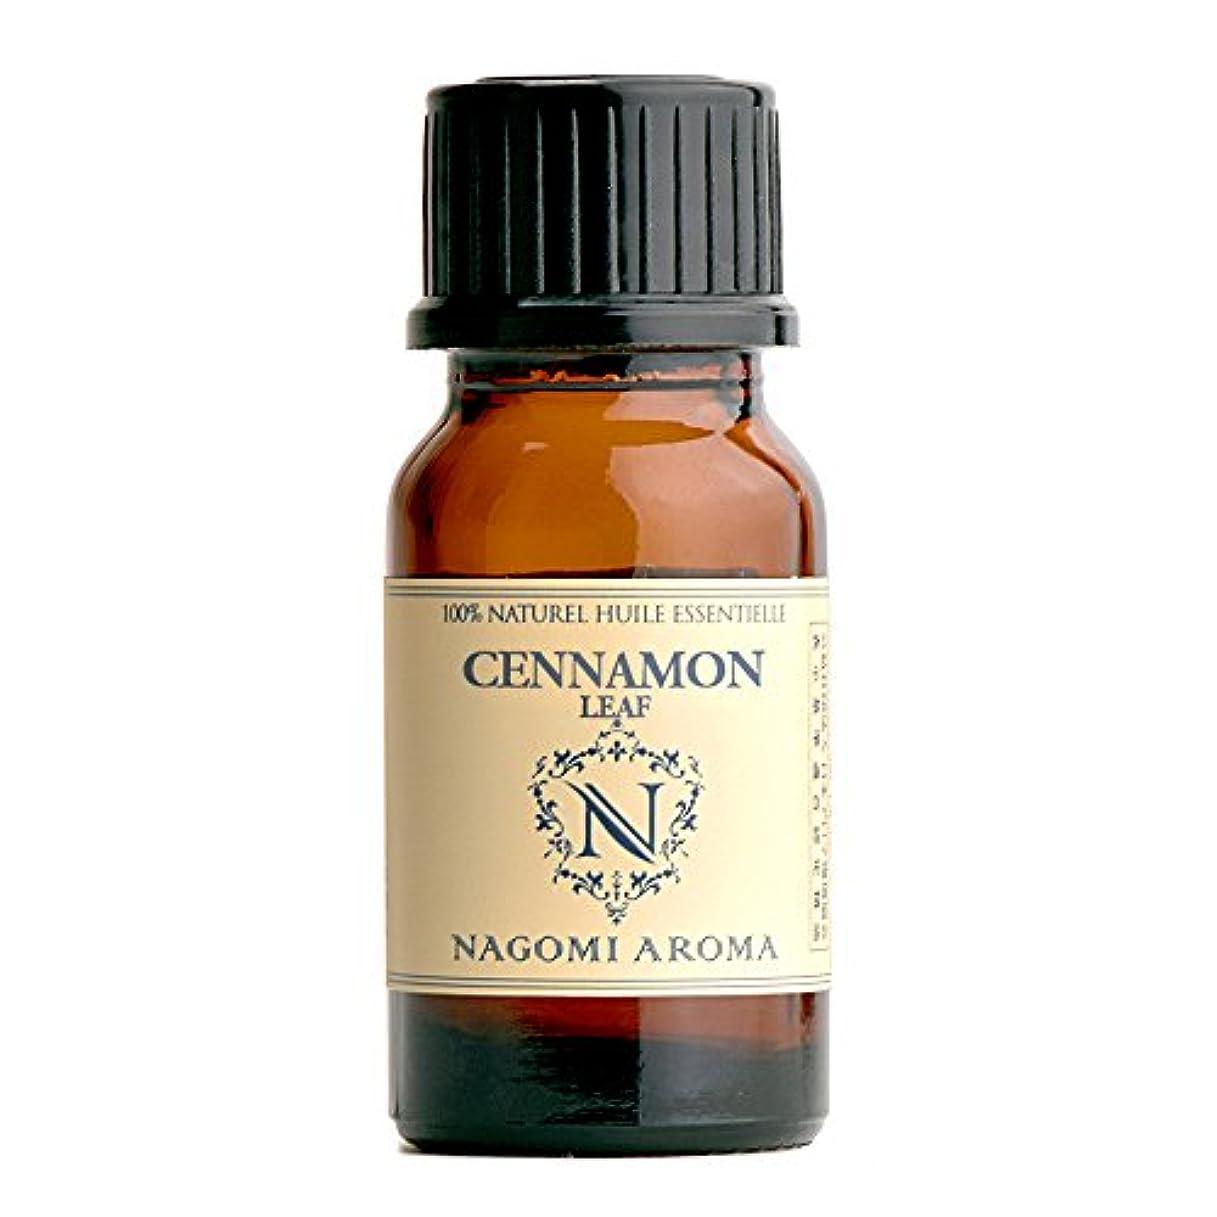 保全維持する人質NAGOMI AROMA シナモンリーフ 10ml 【AEAJ認定精油】【アロマオイル】